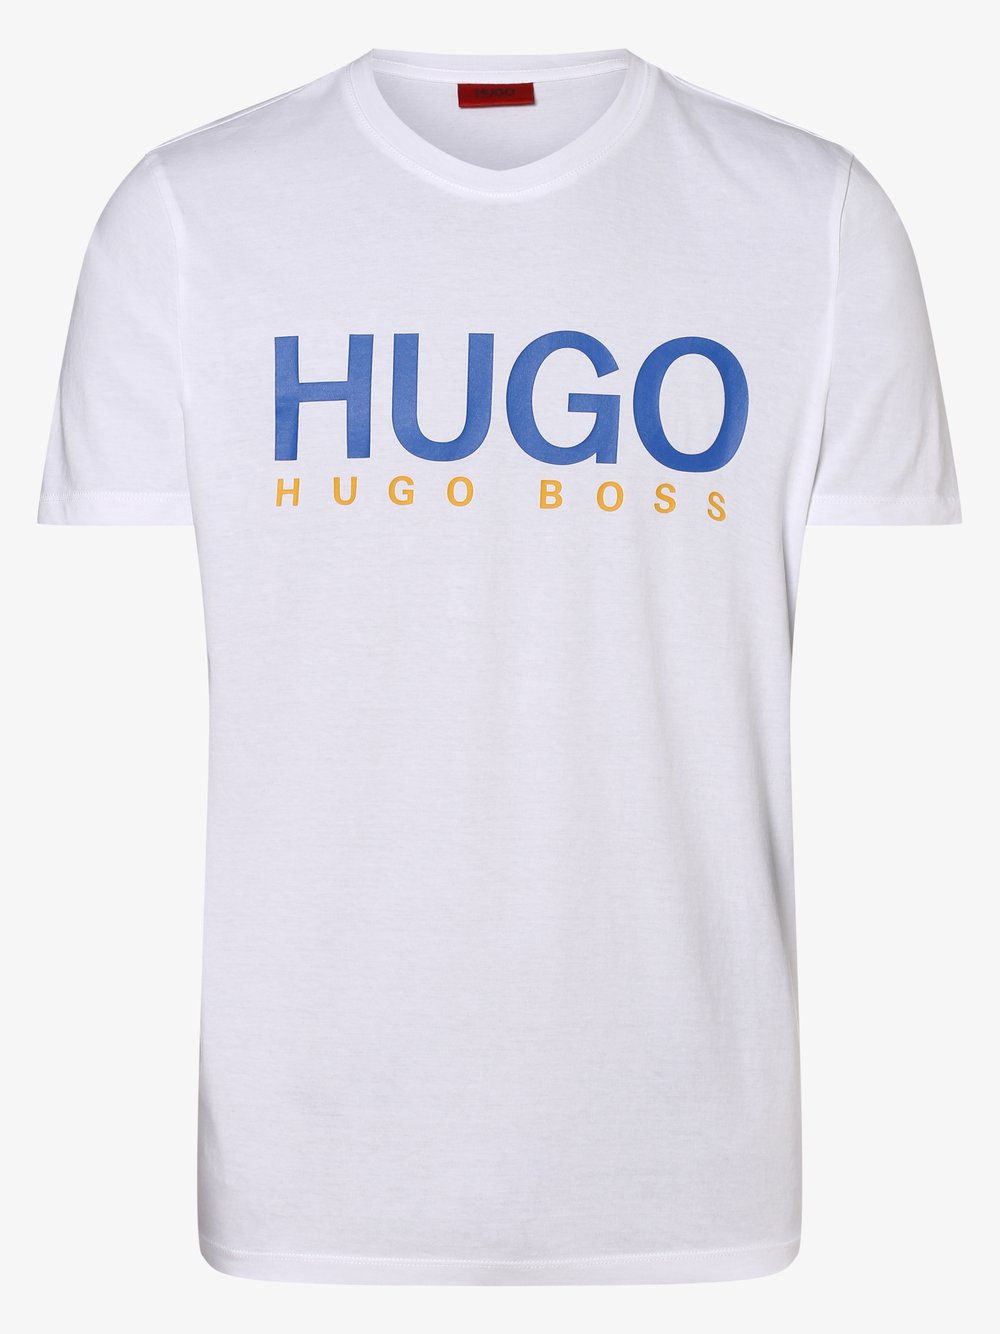 HUGO - T-shirt męski – Dolive202, biały